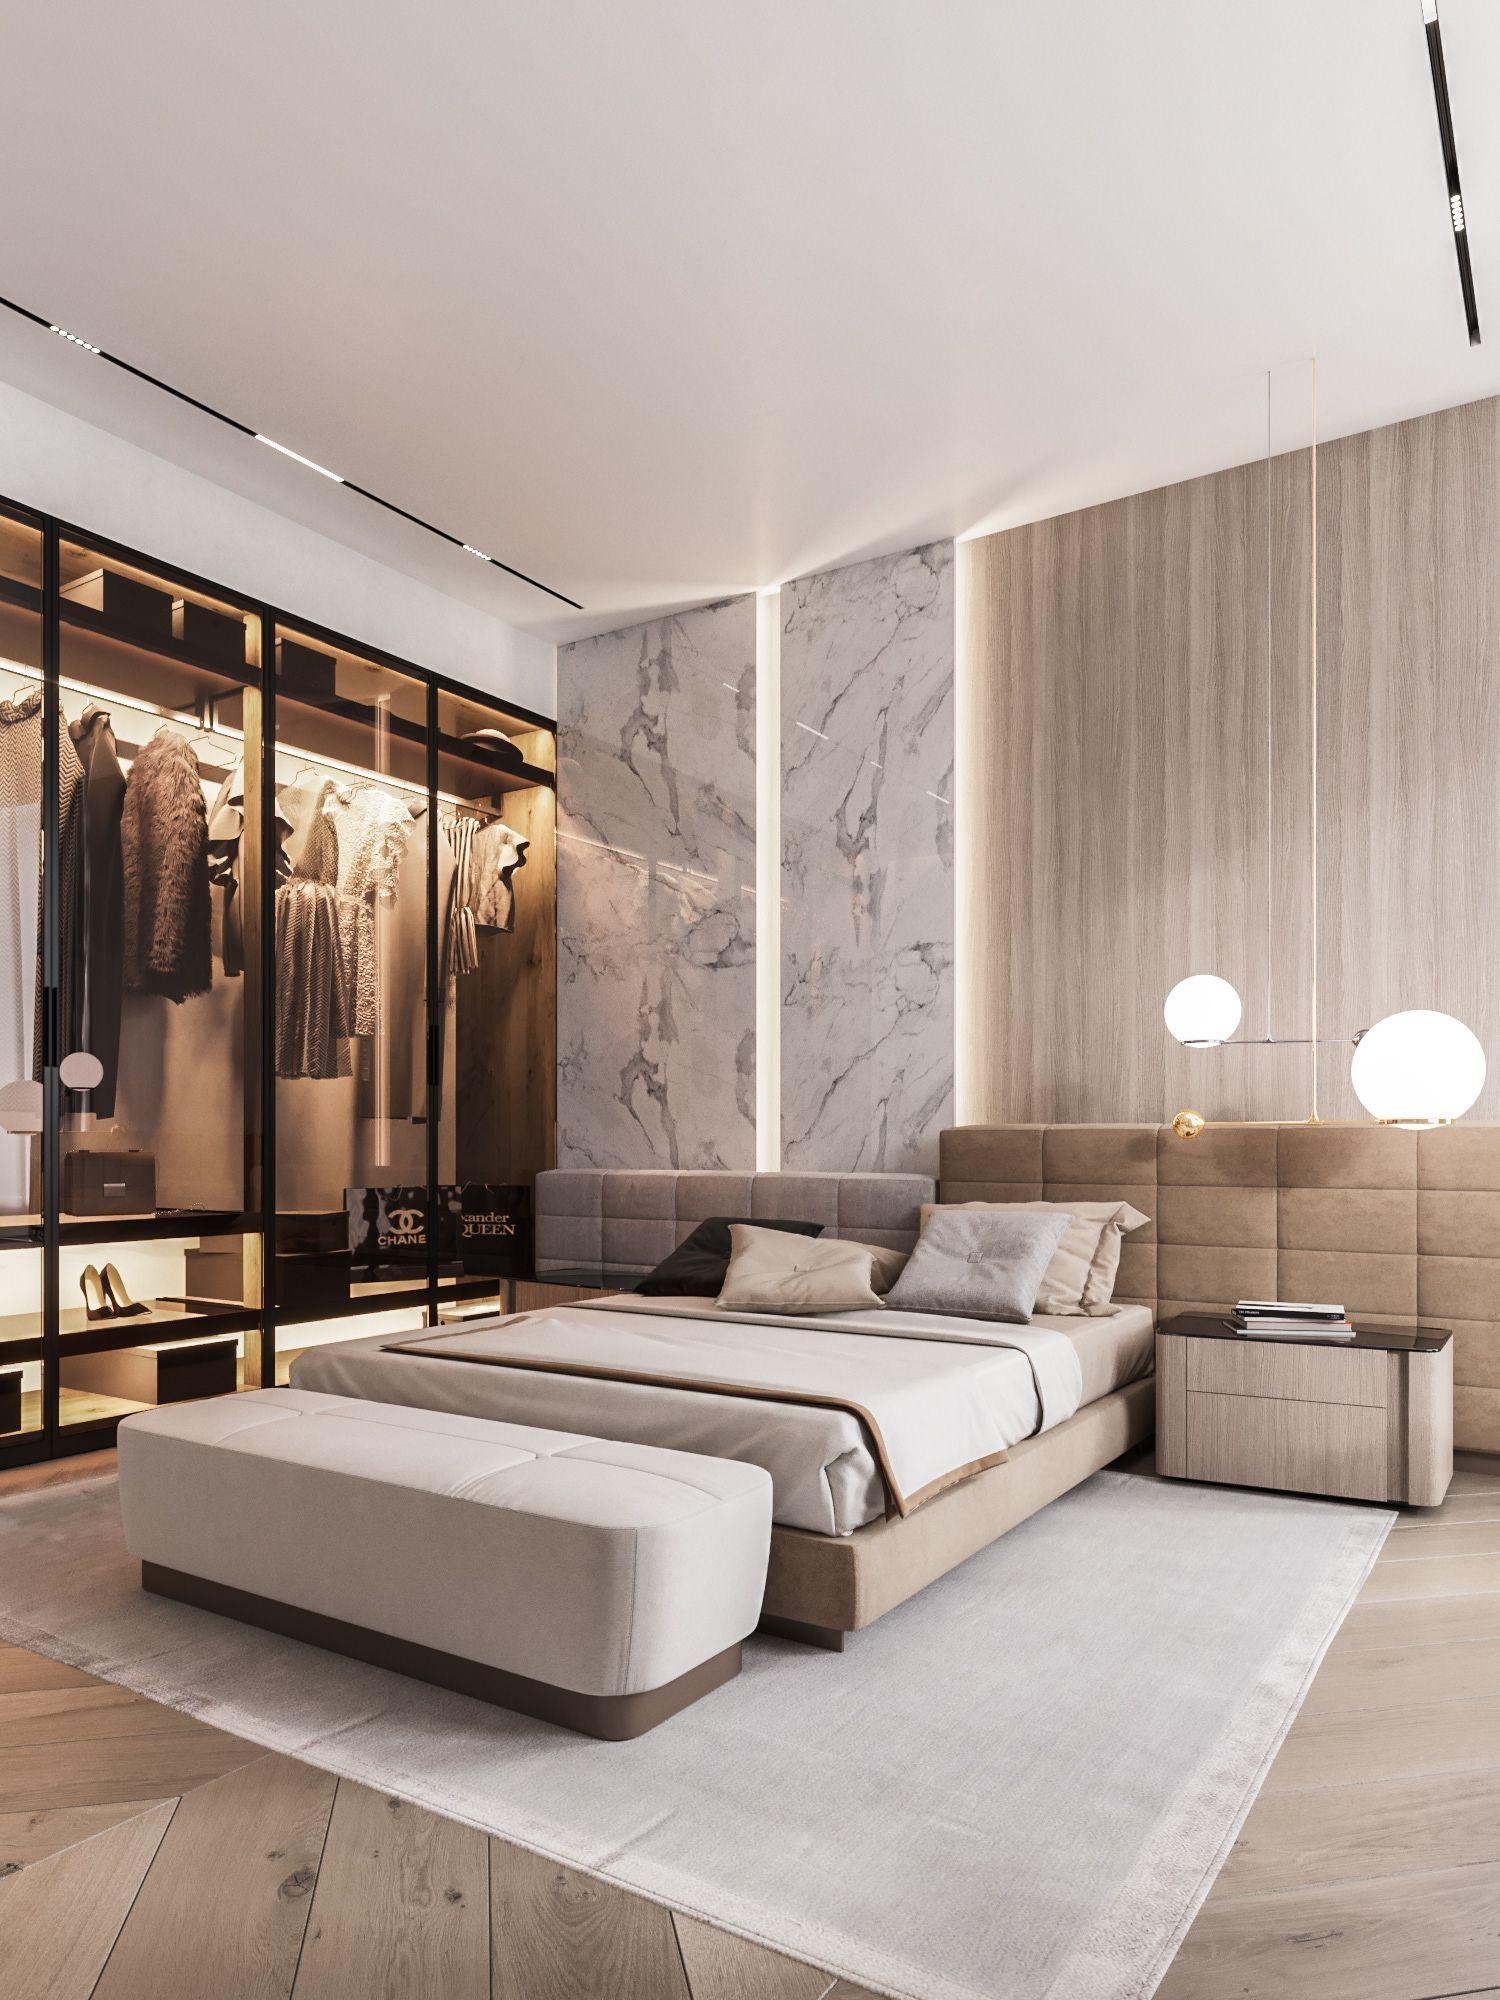 Movie Posters Behance Interior Bedroom Behance Interior Bedroom Behance Portfolio Arabic Callig In 2020 Luxurious Bedrooms Bedroom Design Luxury Bedroom Design